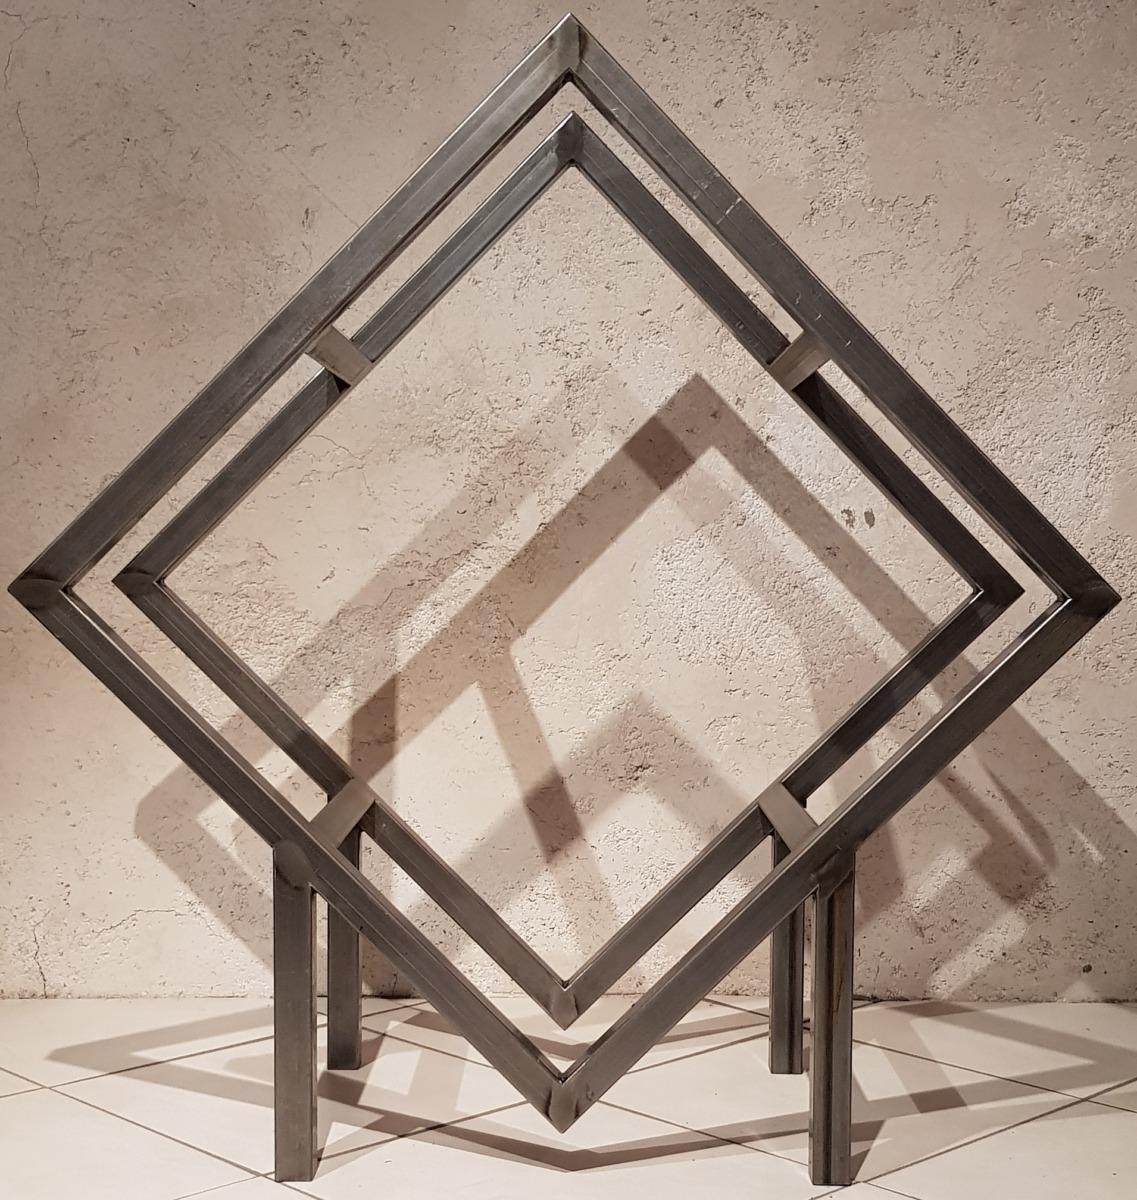 Porte buches-design-métal-Isère